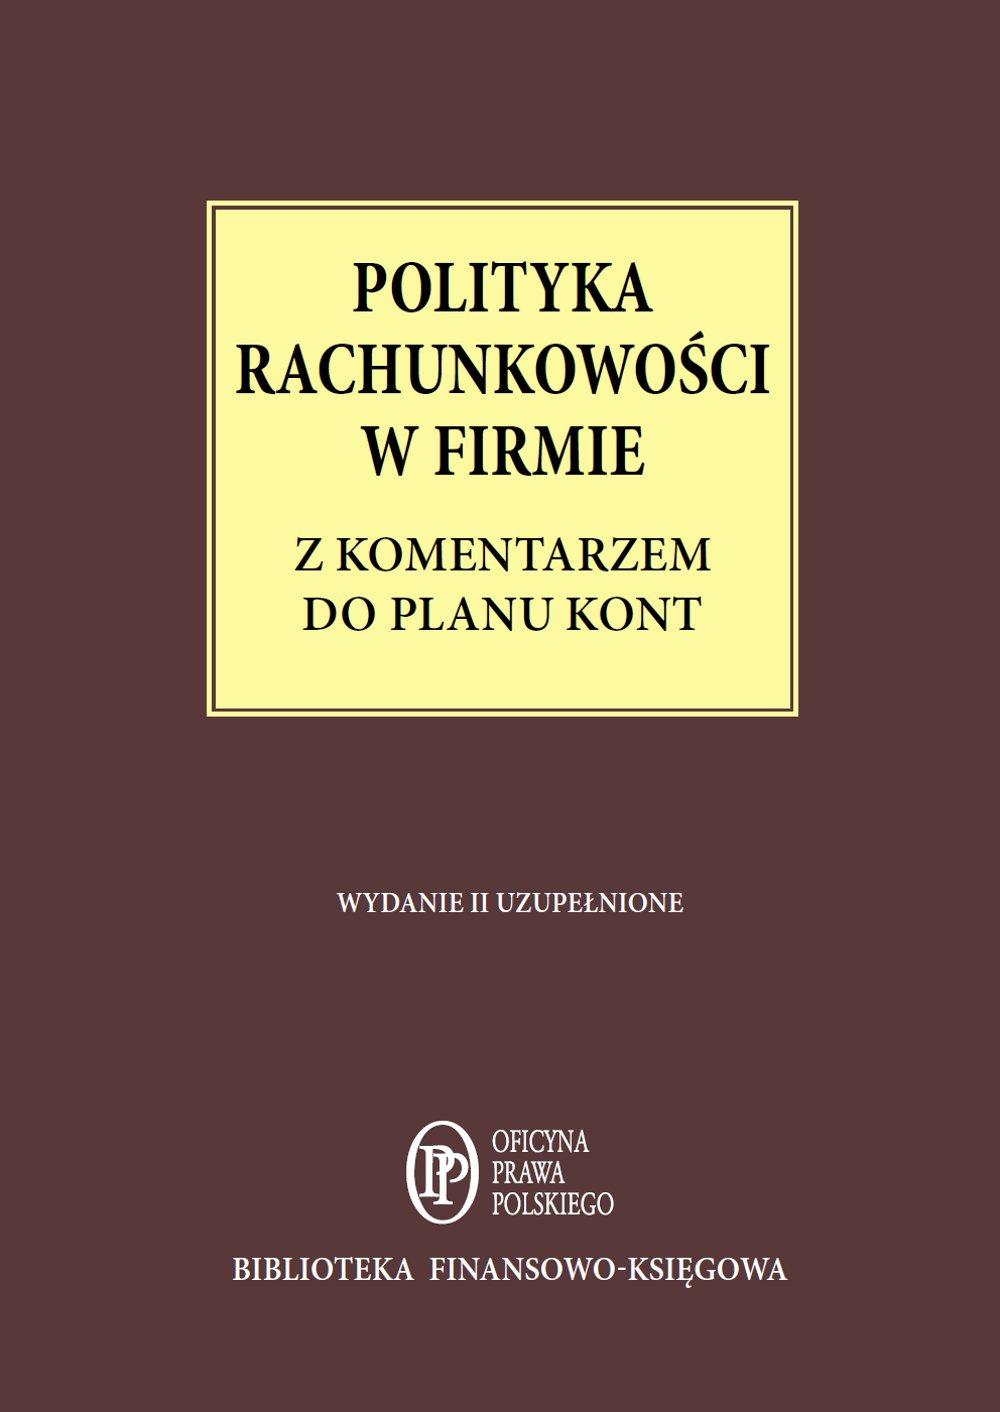 Polityka Rachunkowości w firmie z komentarzem do planu kont - stan prawny: 1 maja 2014 r. - Ebook (Książka PDF) do pobrania w formacie PDF